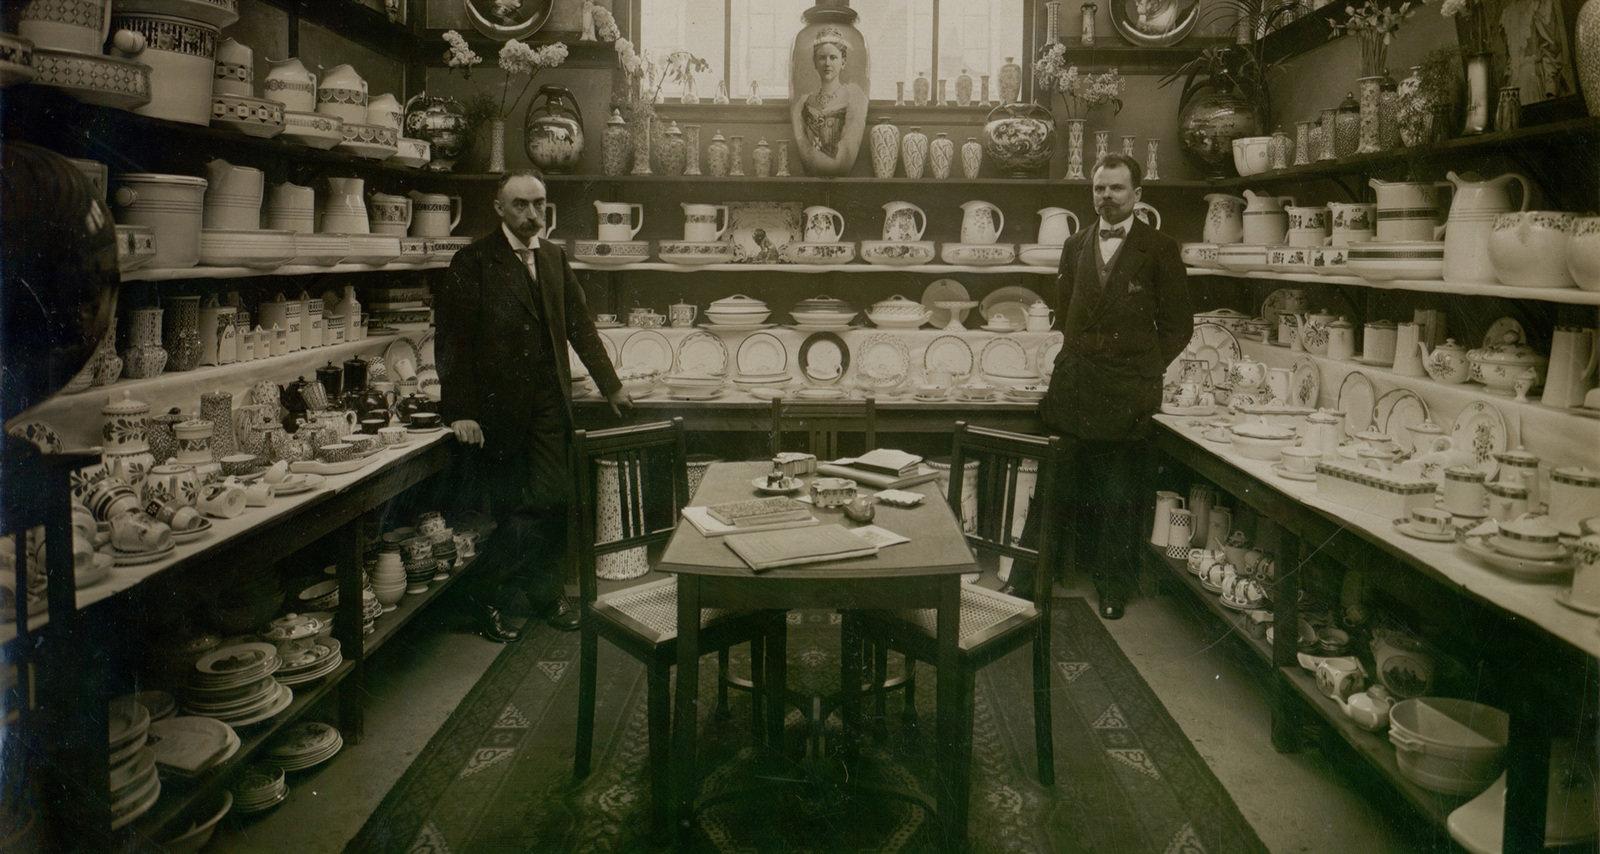 Interior of a showroom, N.V. Vereenigde Fotoburaux, Amsterdam, Historisch centrum Limburg, CC BY-SA